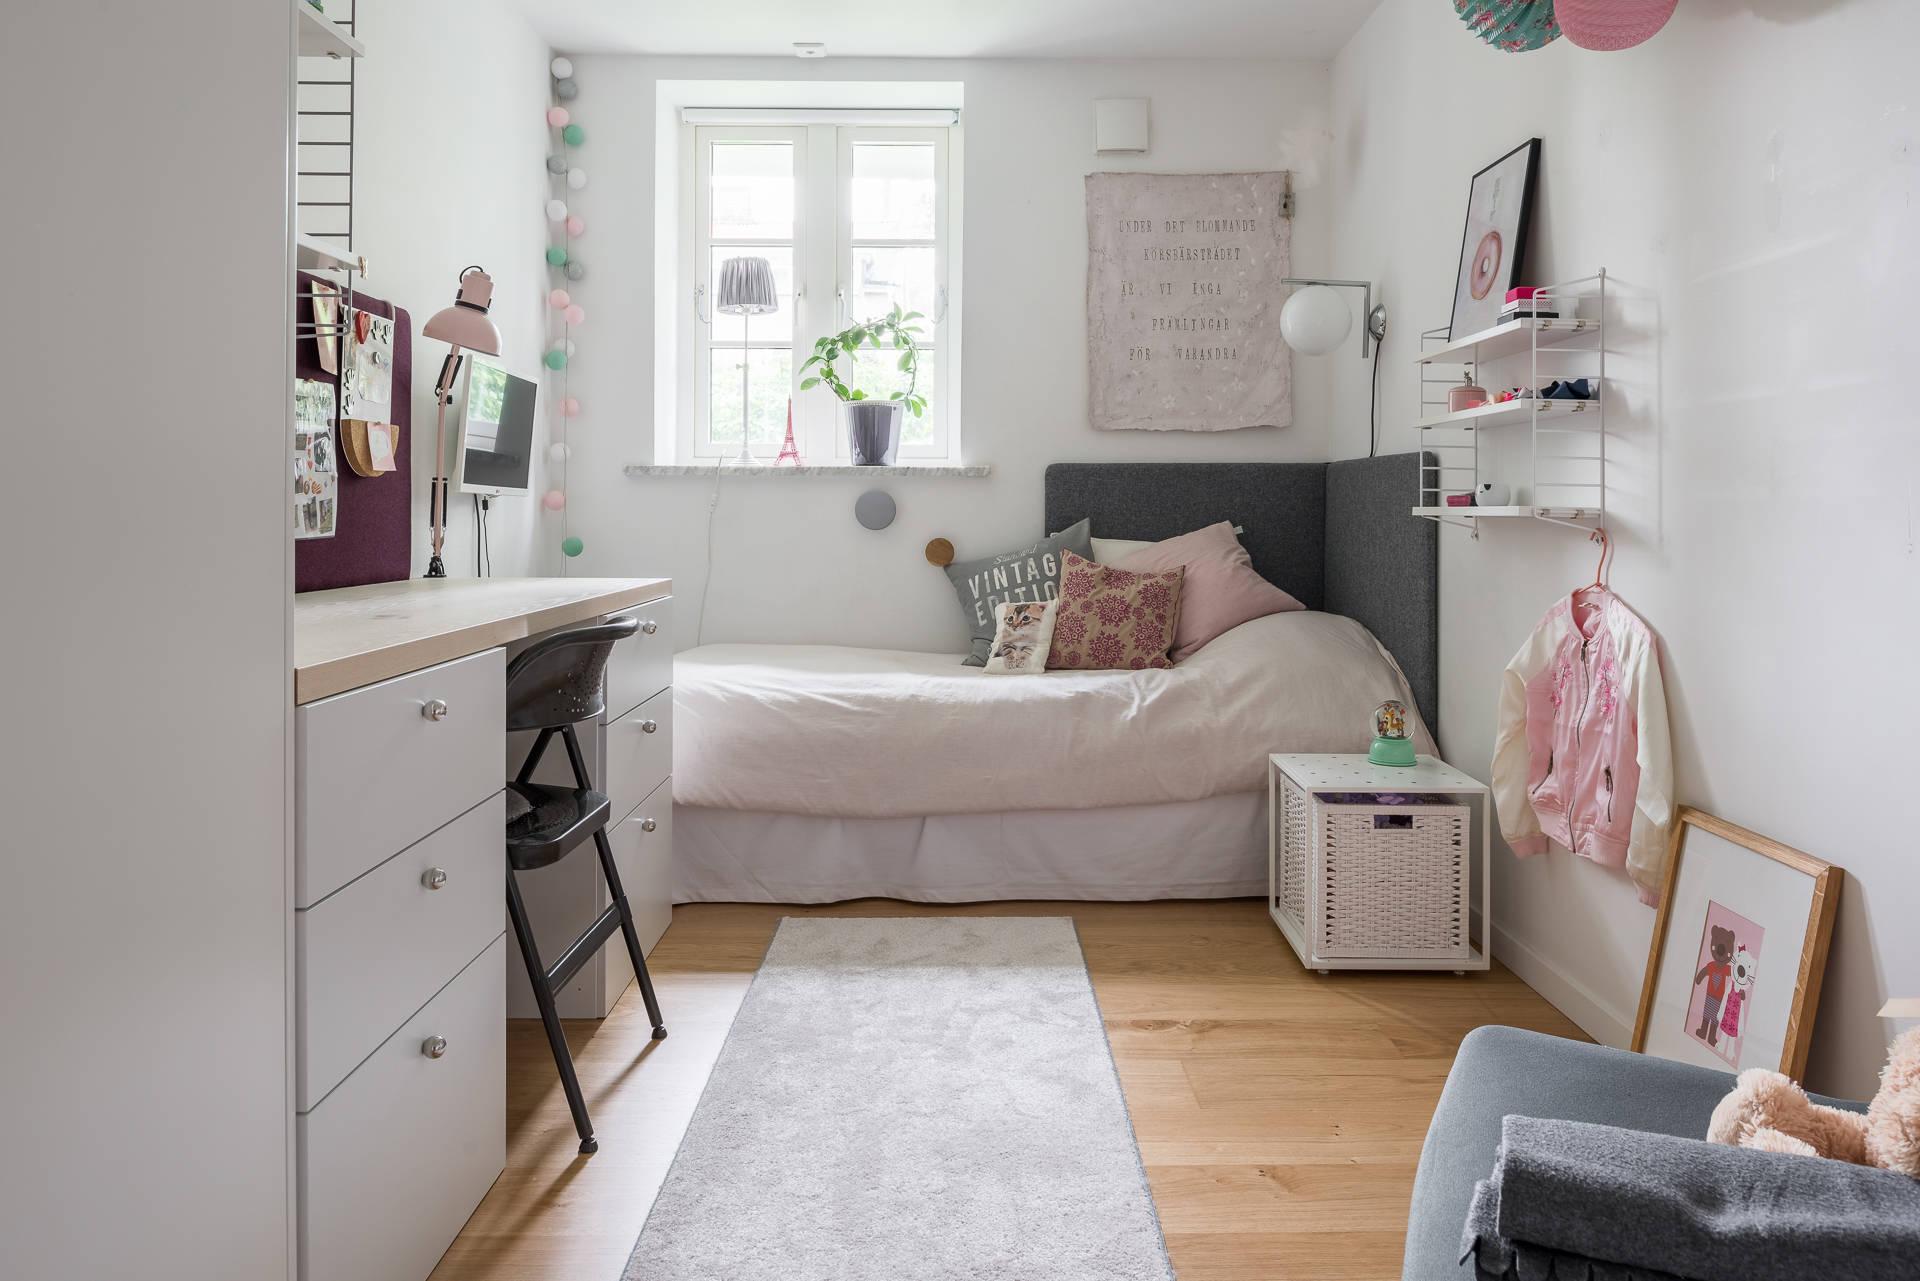 детская комната кровать окно стол гирлянда